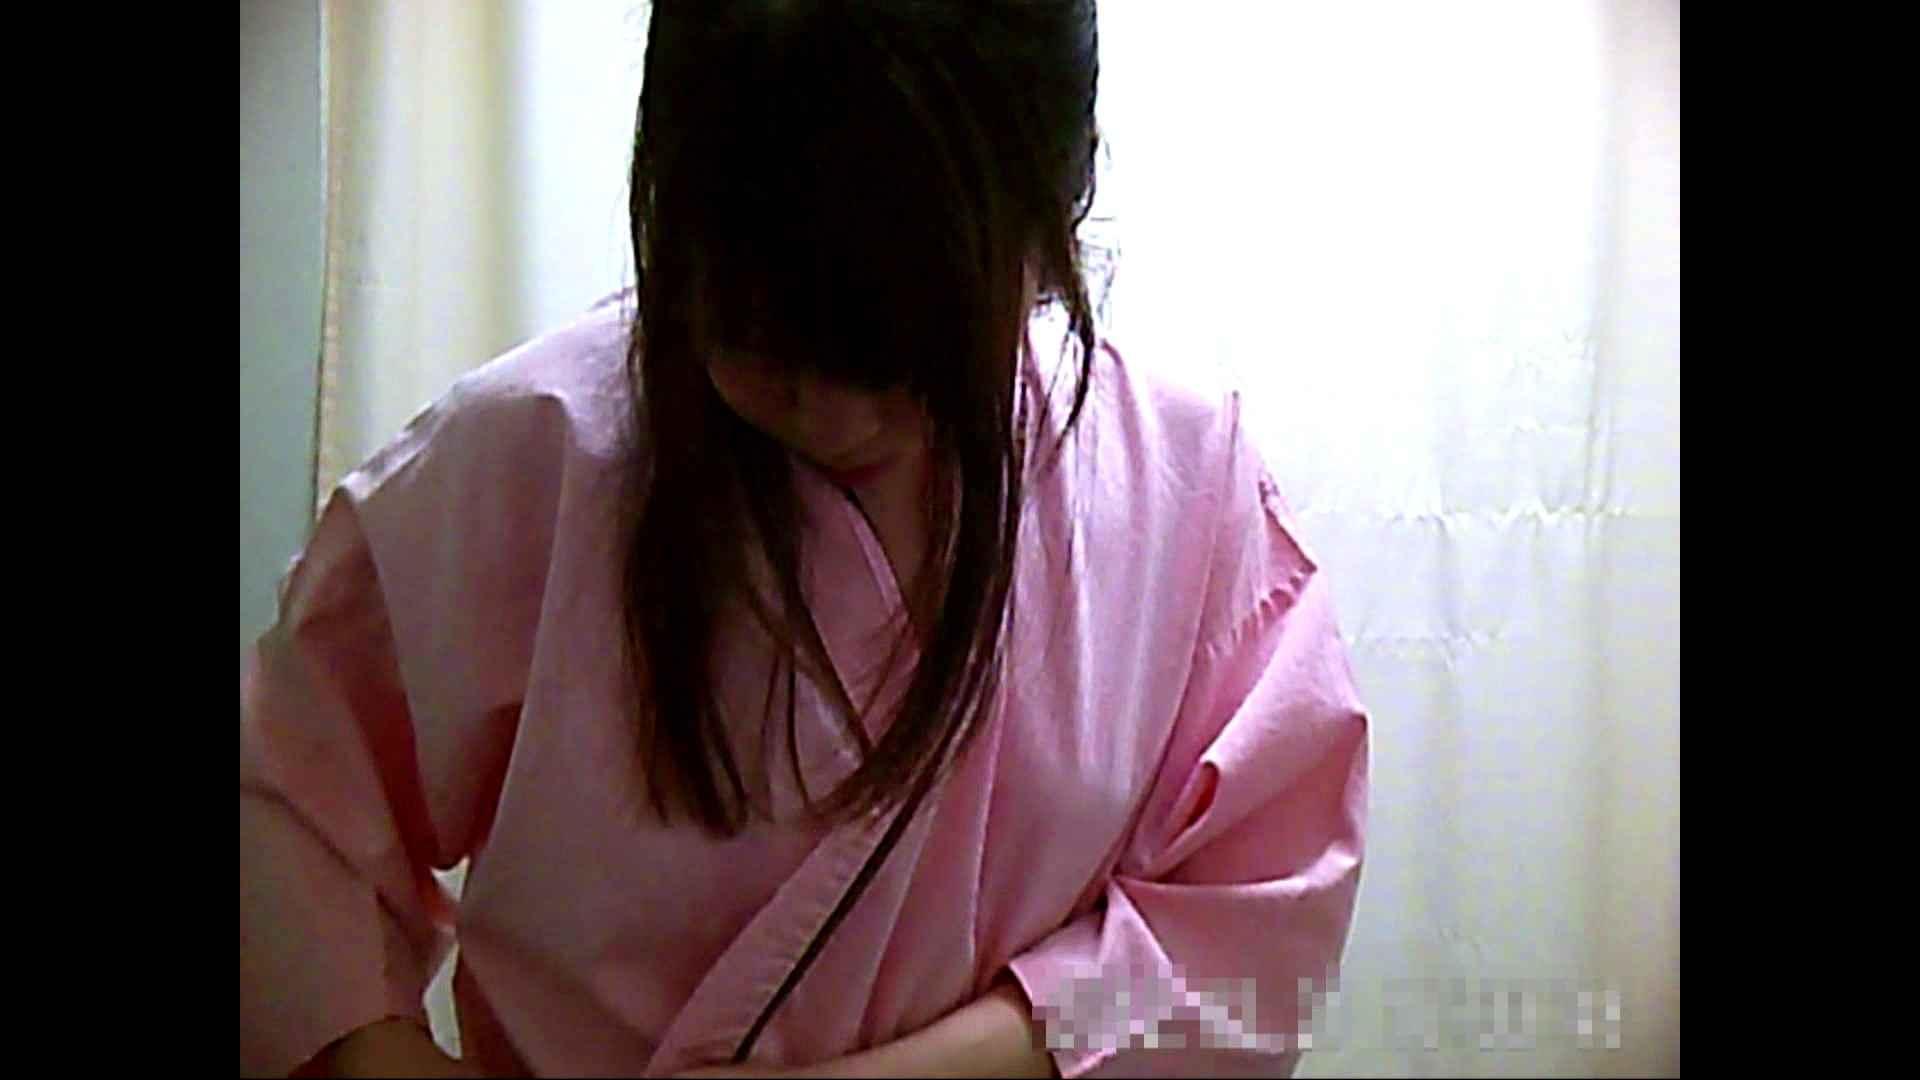 元医者による反抗 更衣室地獄絵巻 vol.036 盛合せ オマンコ無修正動画無料 84枚 23